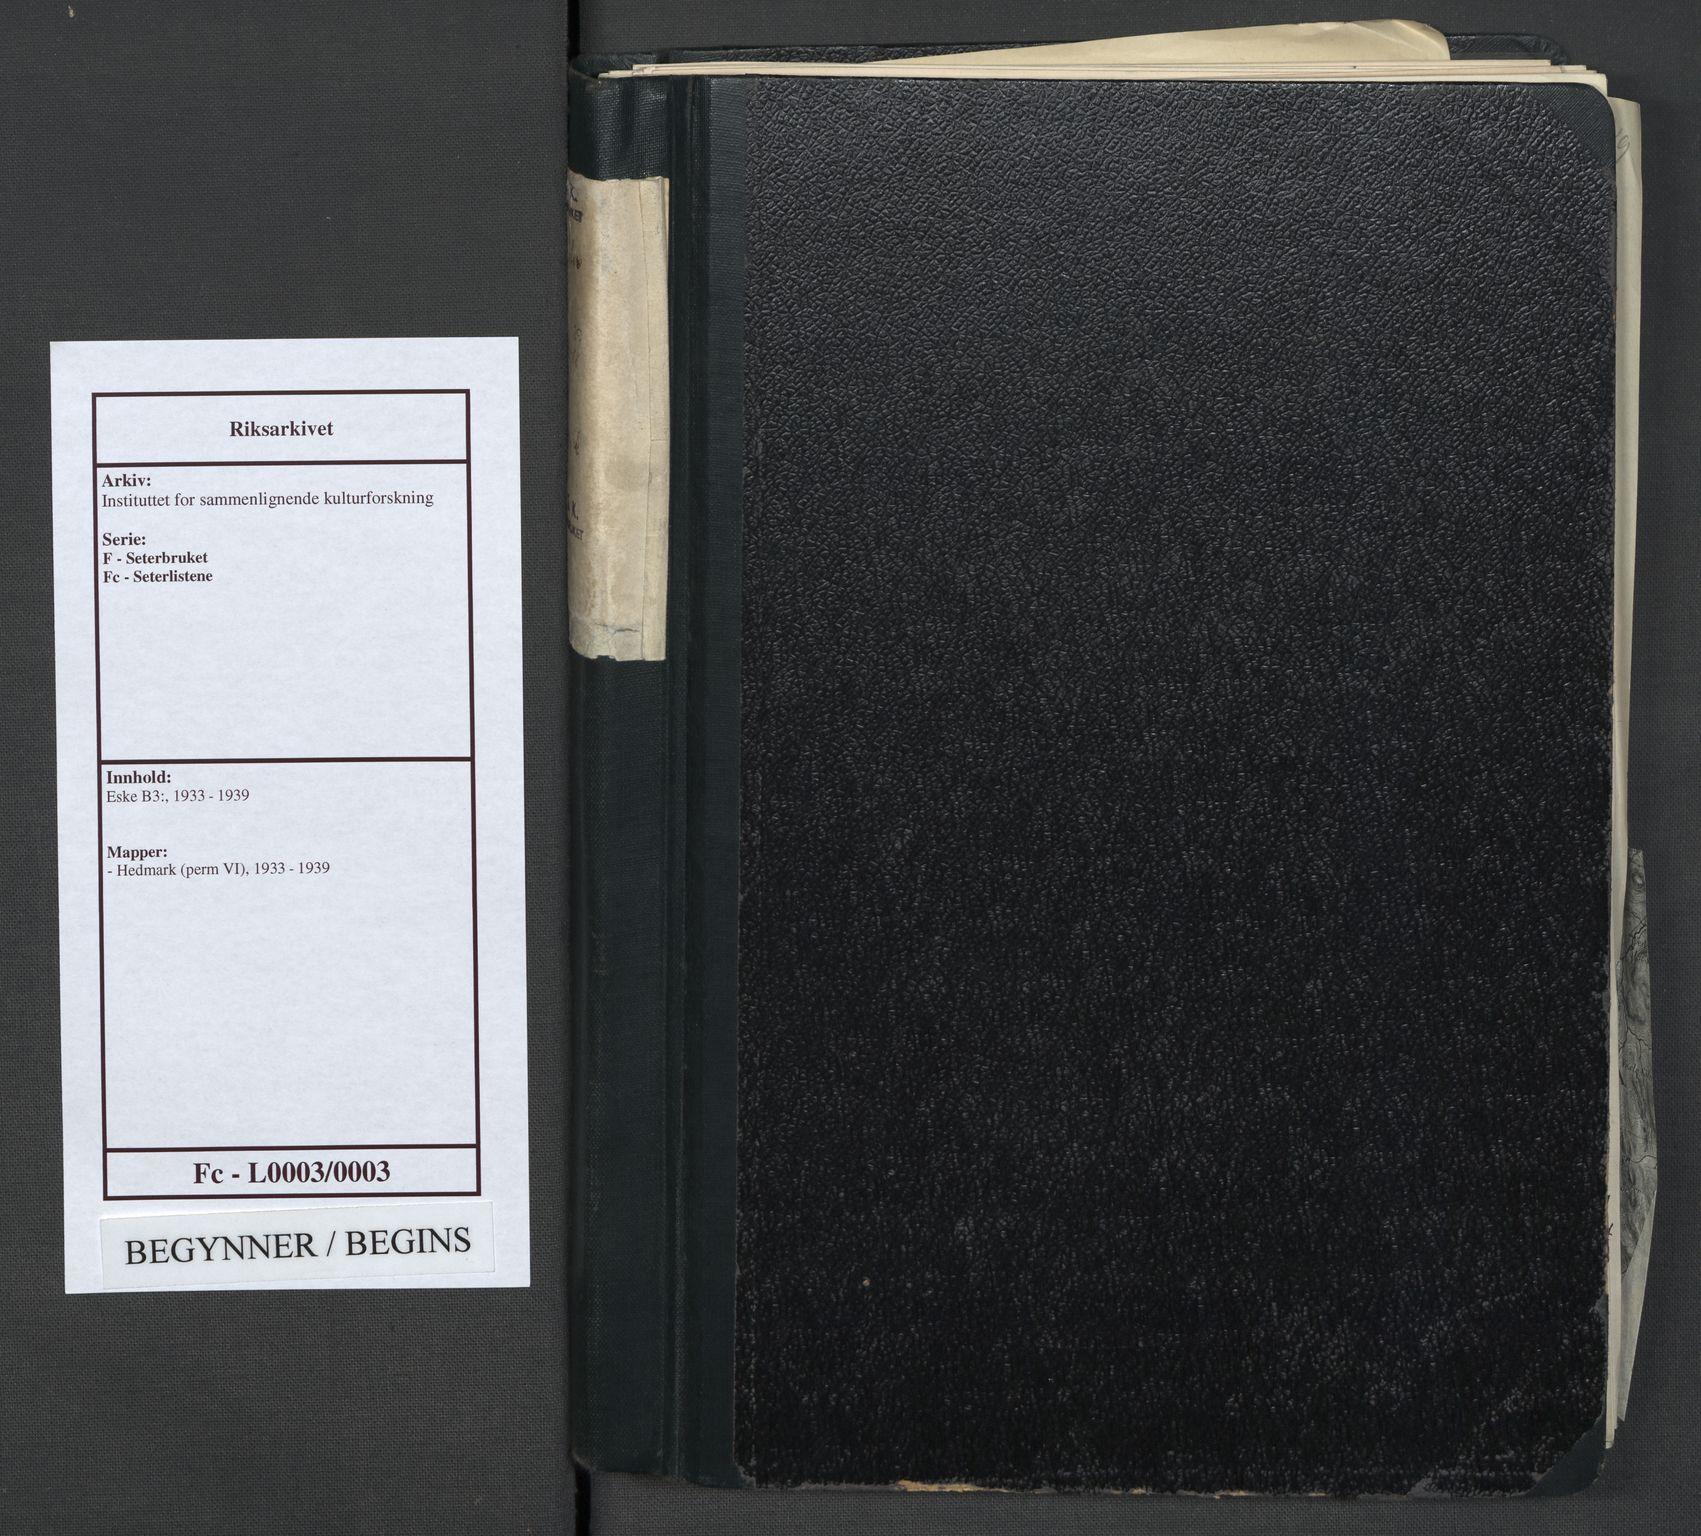 RA, Instituttet for sammenlignende kulturforskning, F/Fc/L0003: Eske B3:, 1933-1939, s. upaginert